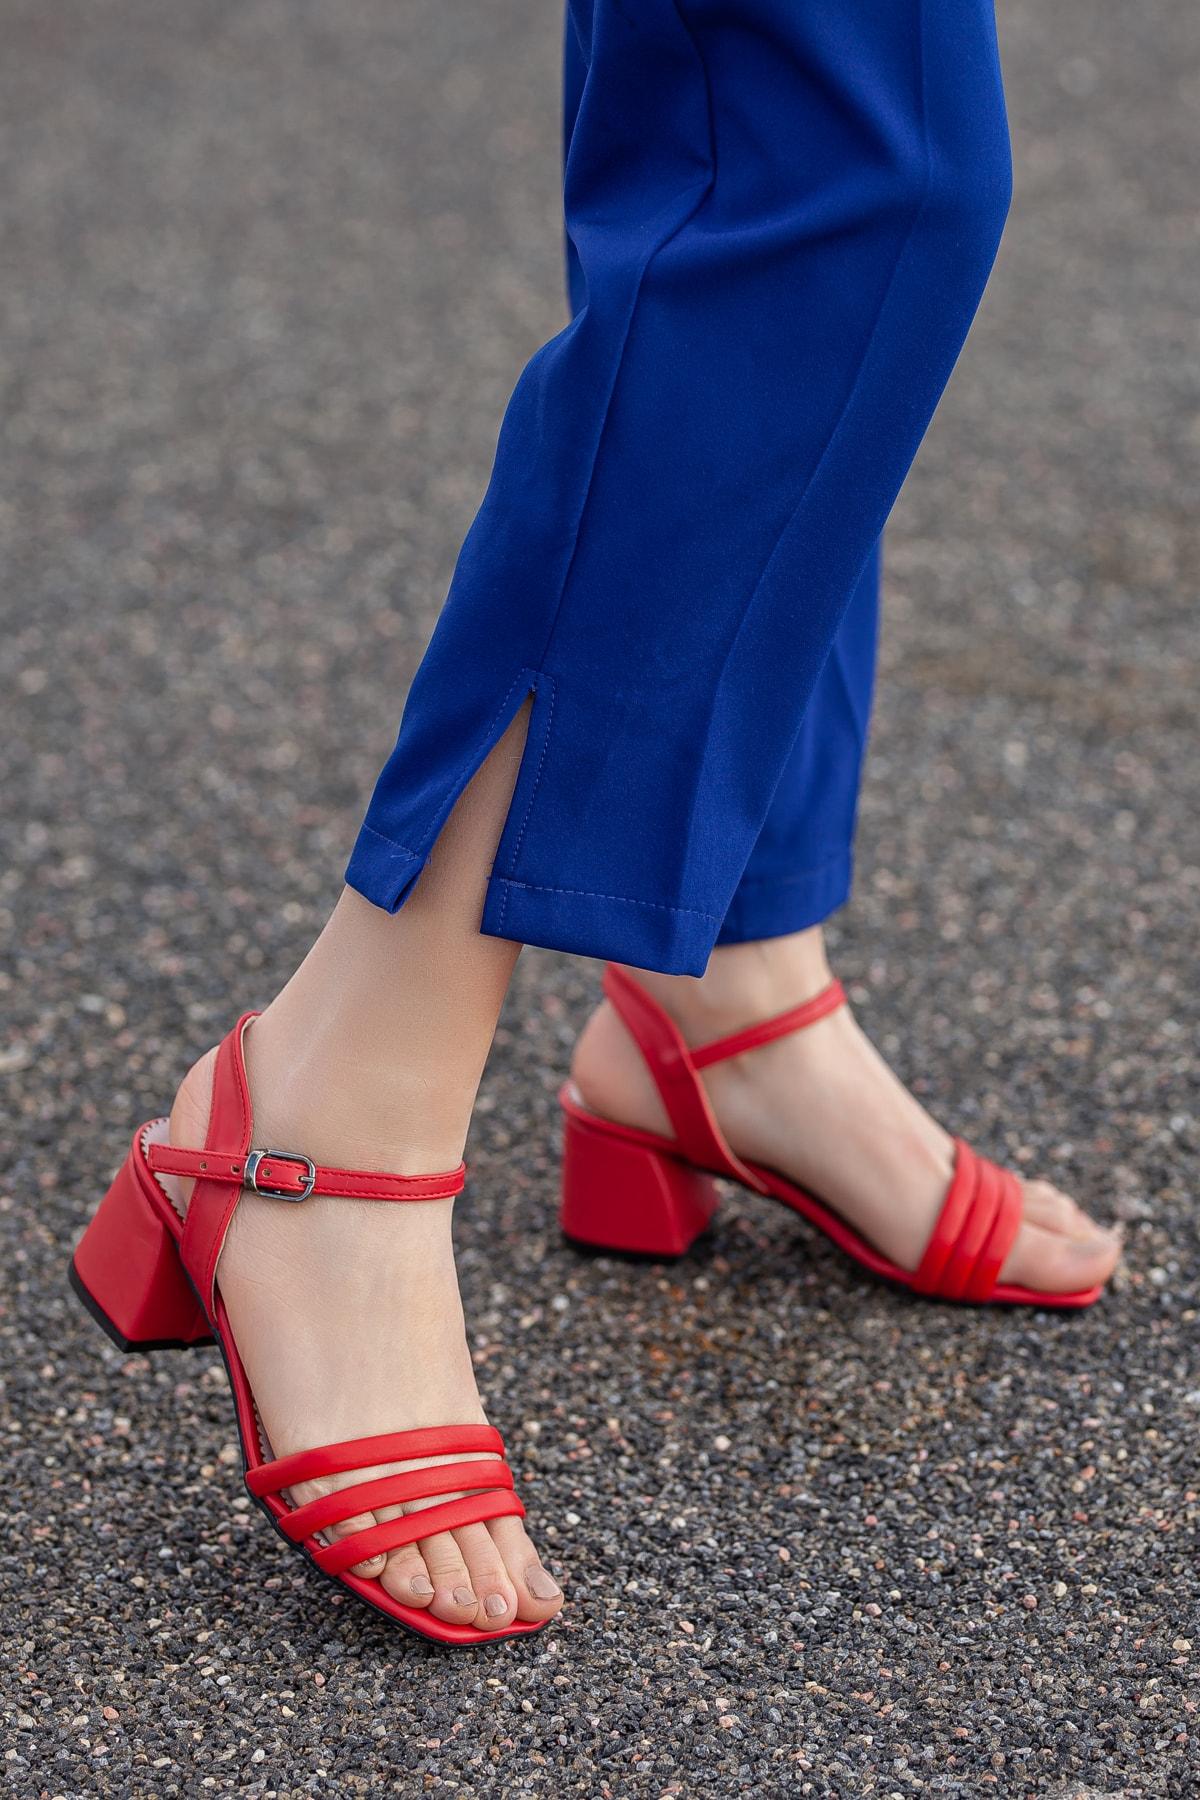 Daxtors Kadın Kırmızı Klasik Topuklu Ayakkabı D2180 1